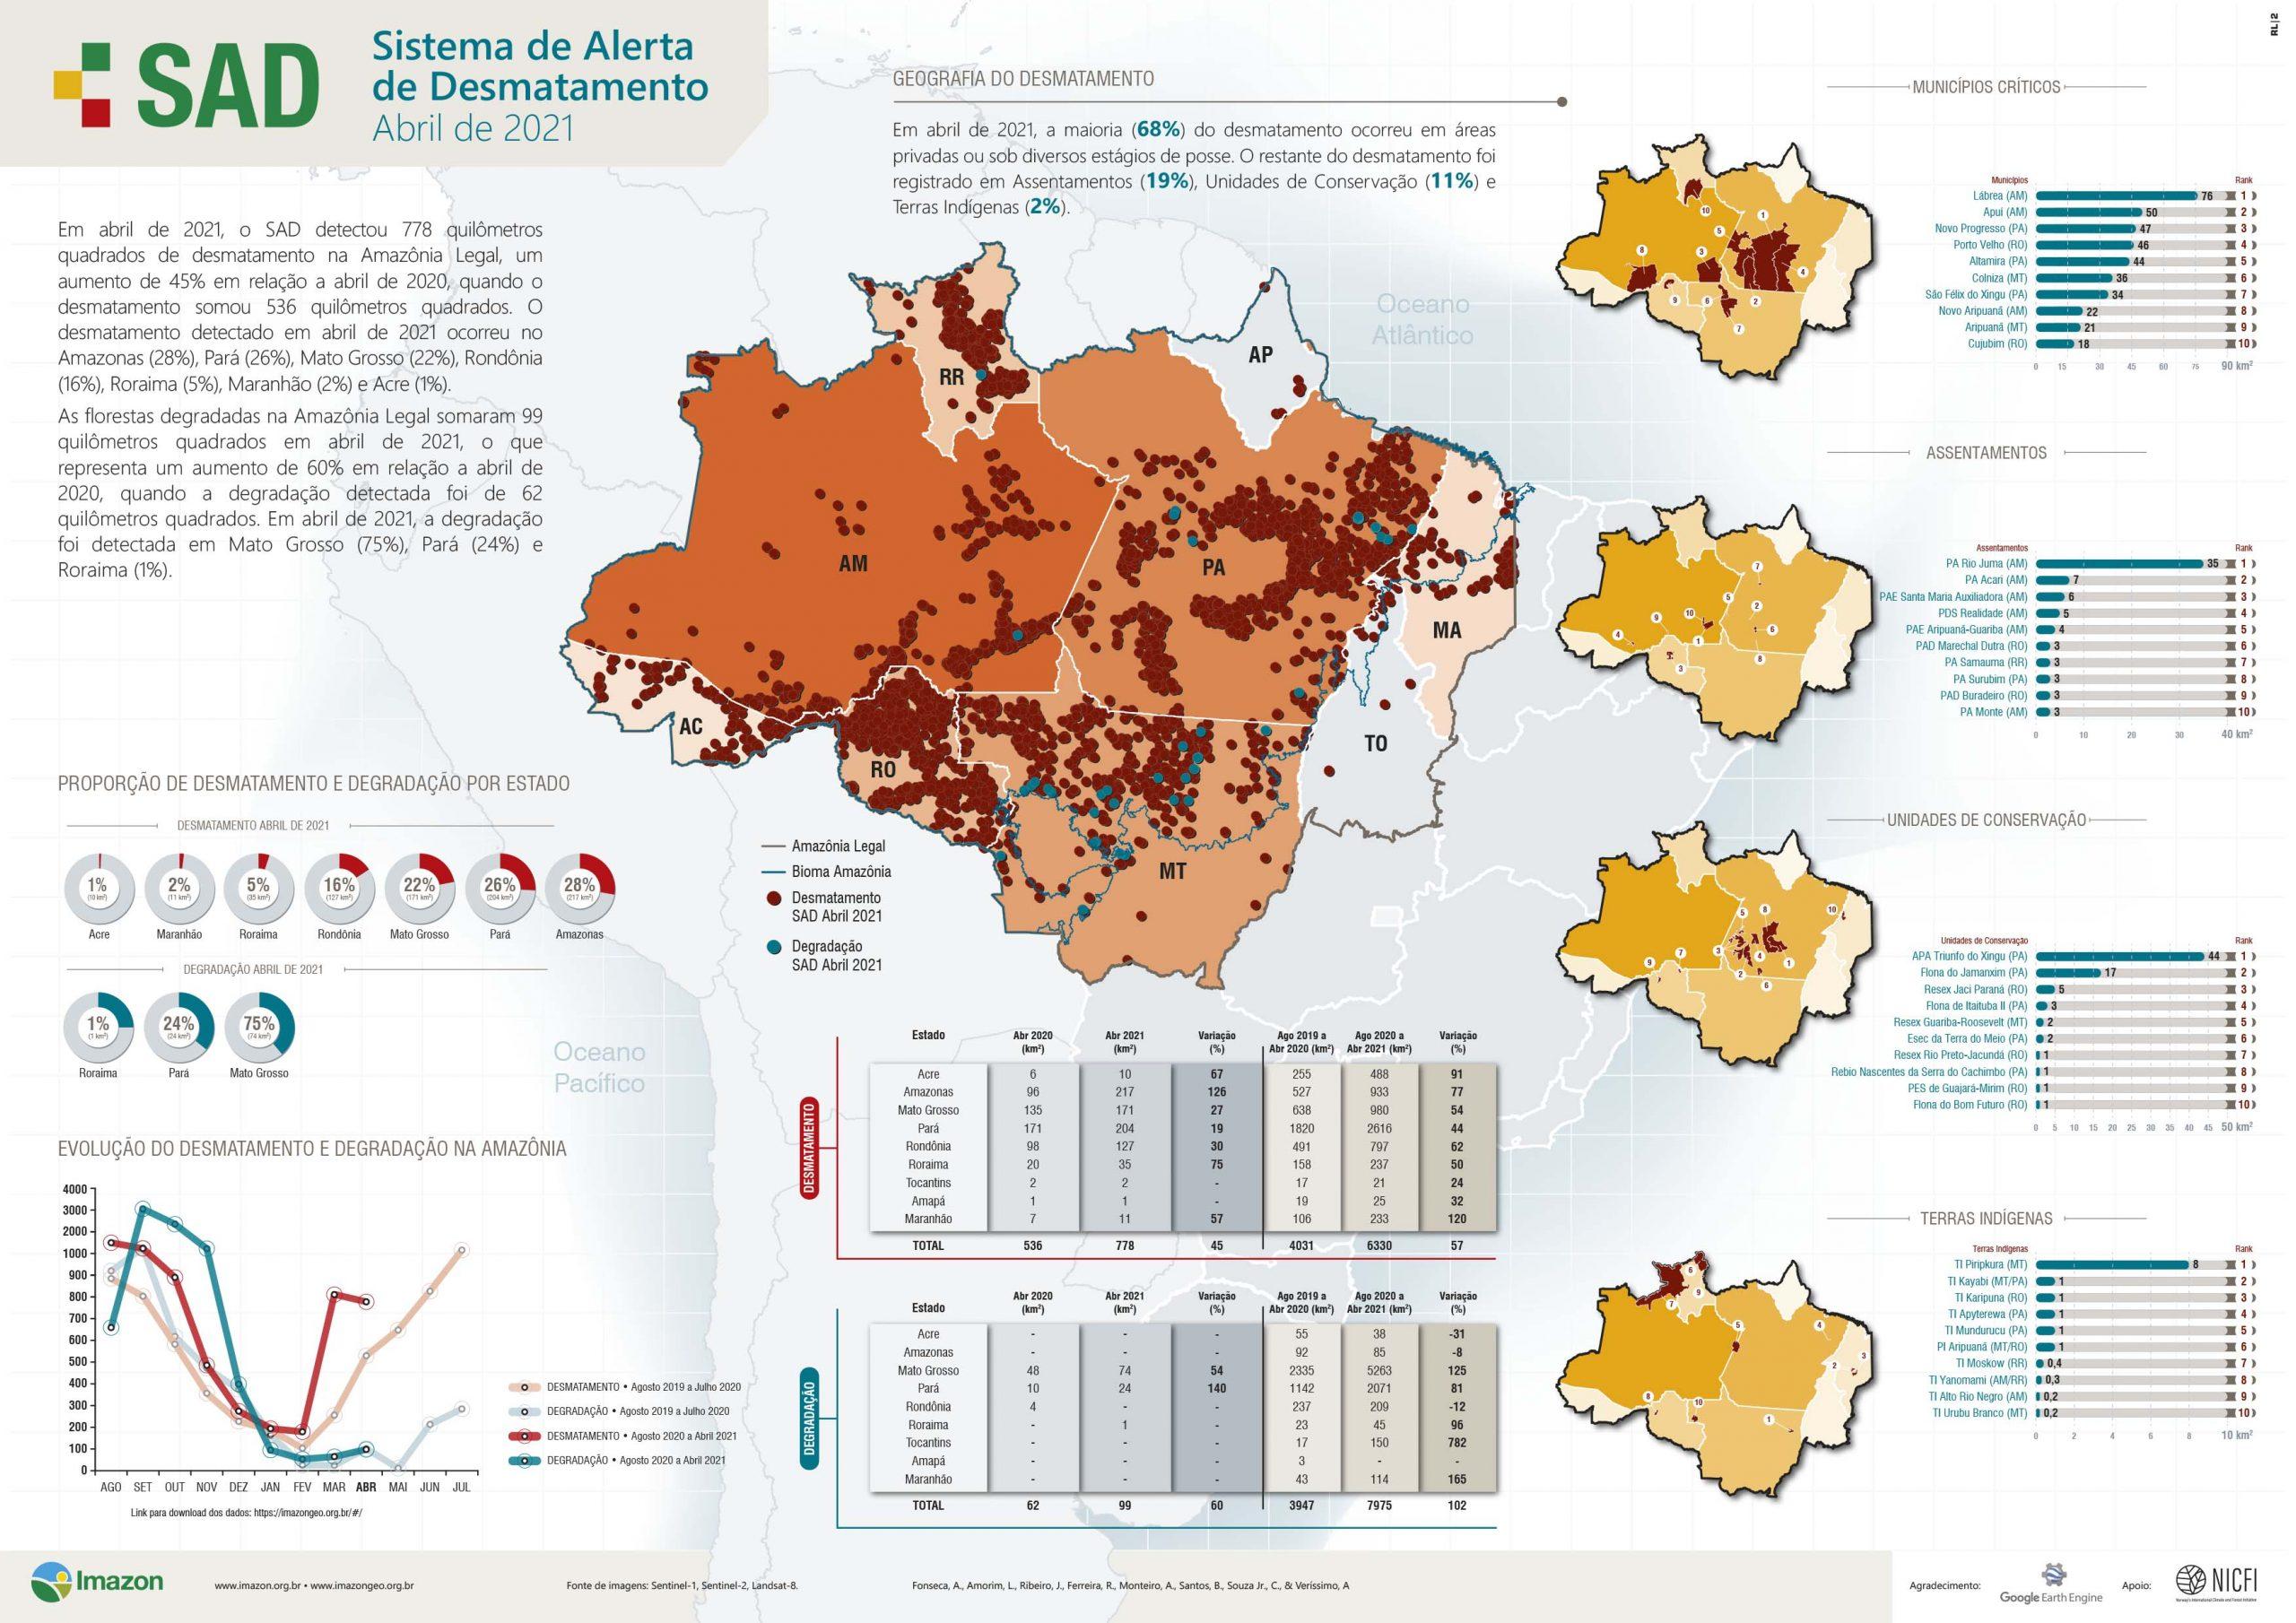 BoletimSAD Abril2021 JPG scaled - Desmatamento atinge 778 km² na Amazônia em abril, maior valor para o mês em 10 anos, aponta Imazon